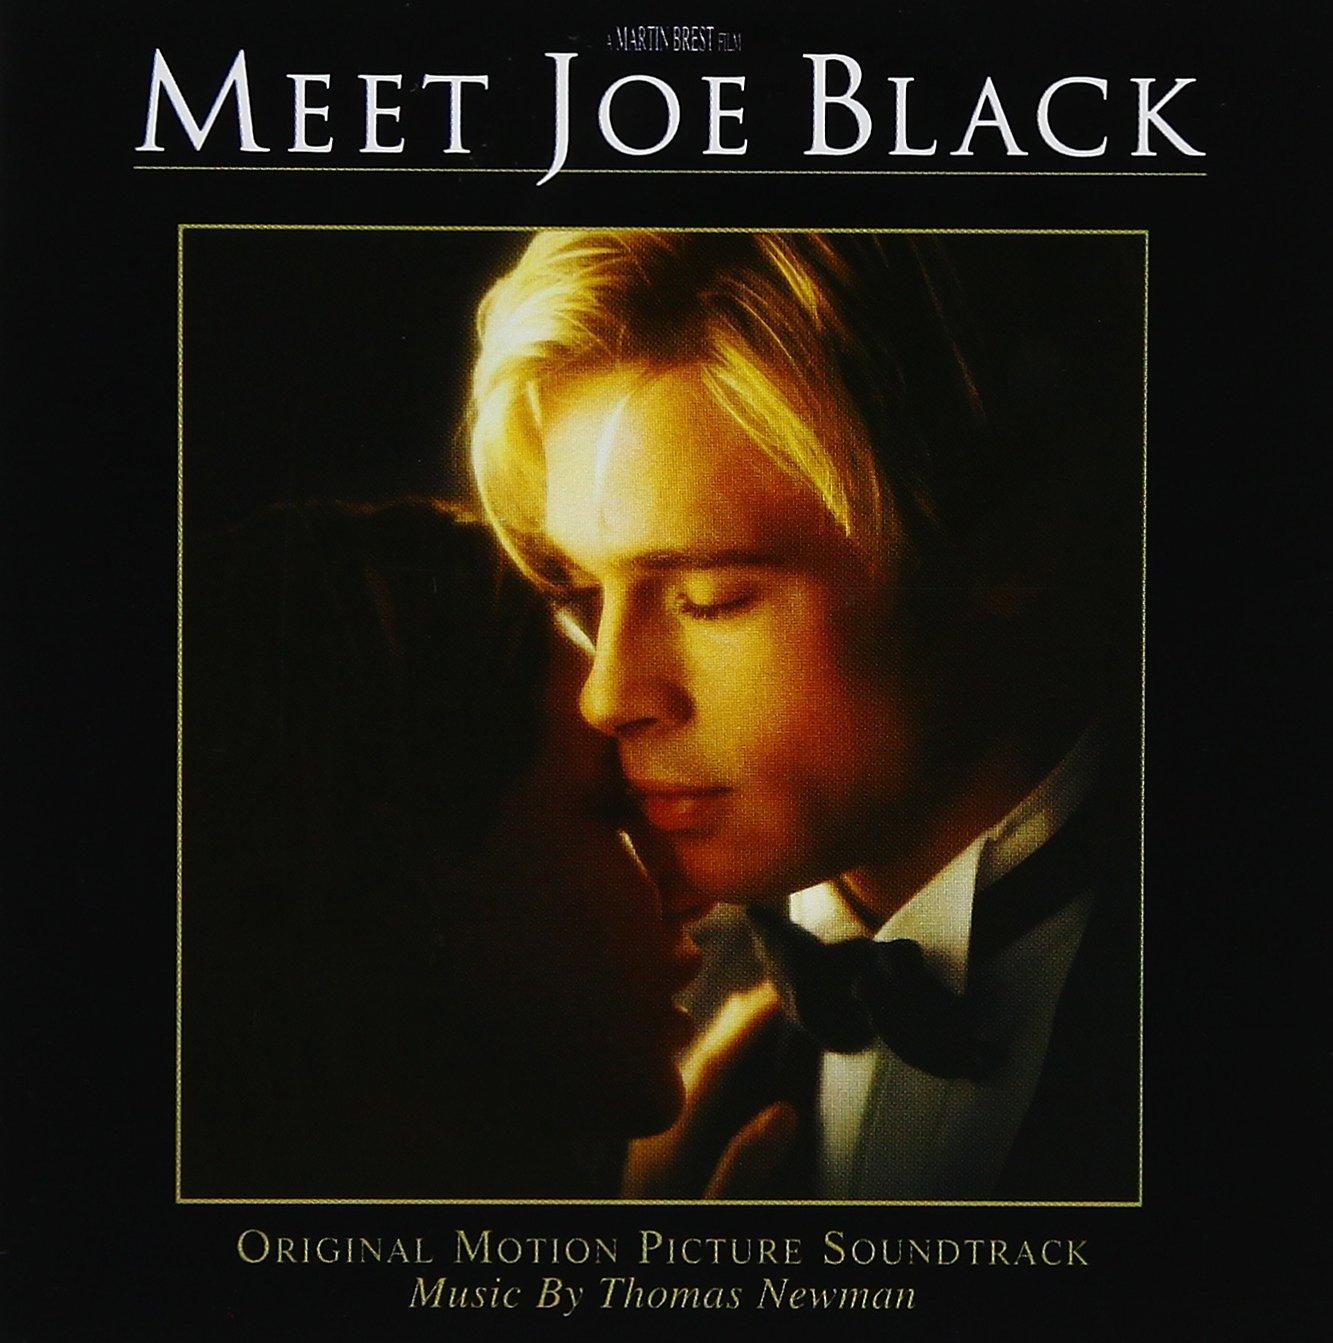 musique generique fin rencontre avec joe black